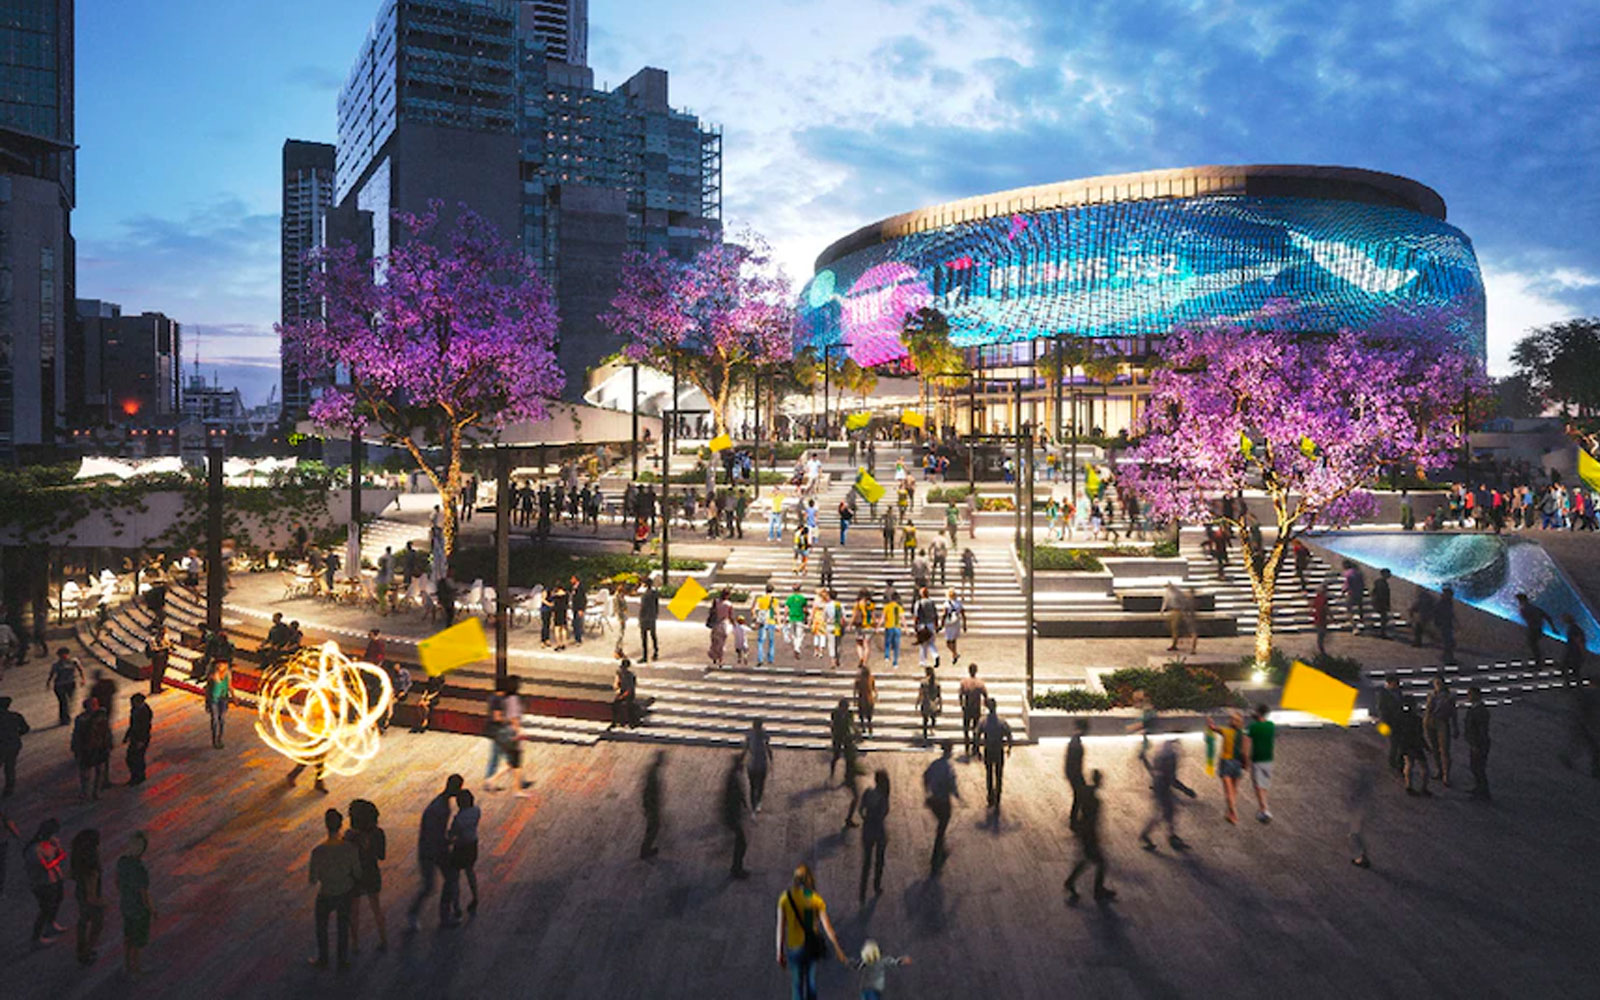 Brisbane Live Aquatic Centre Olympics 2032